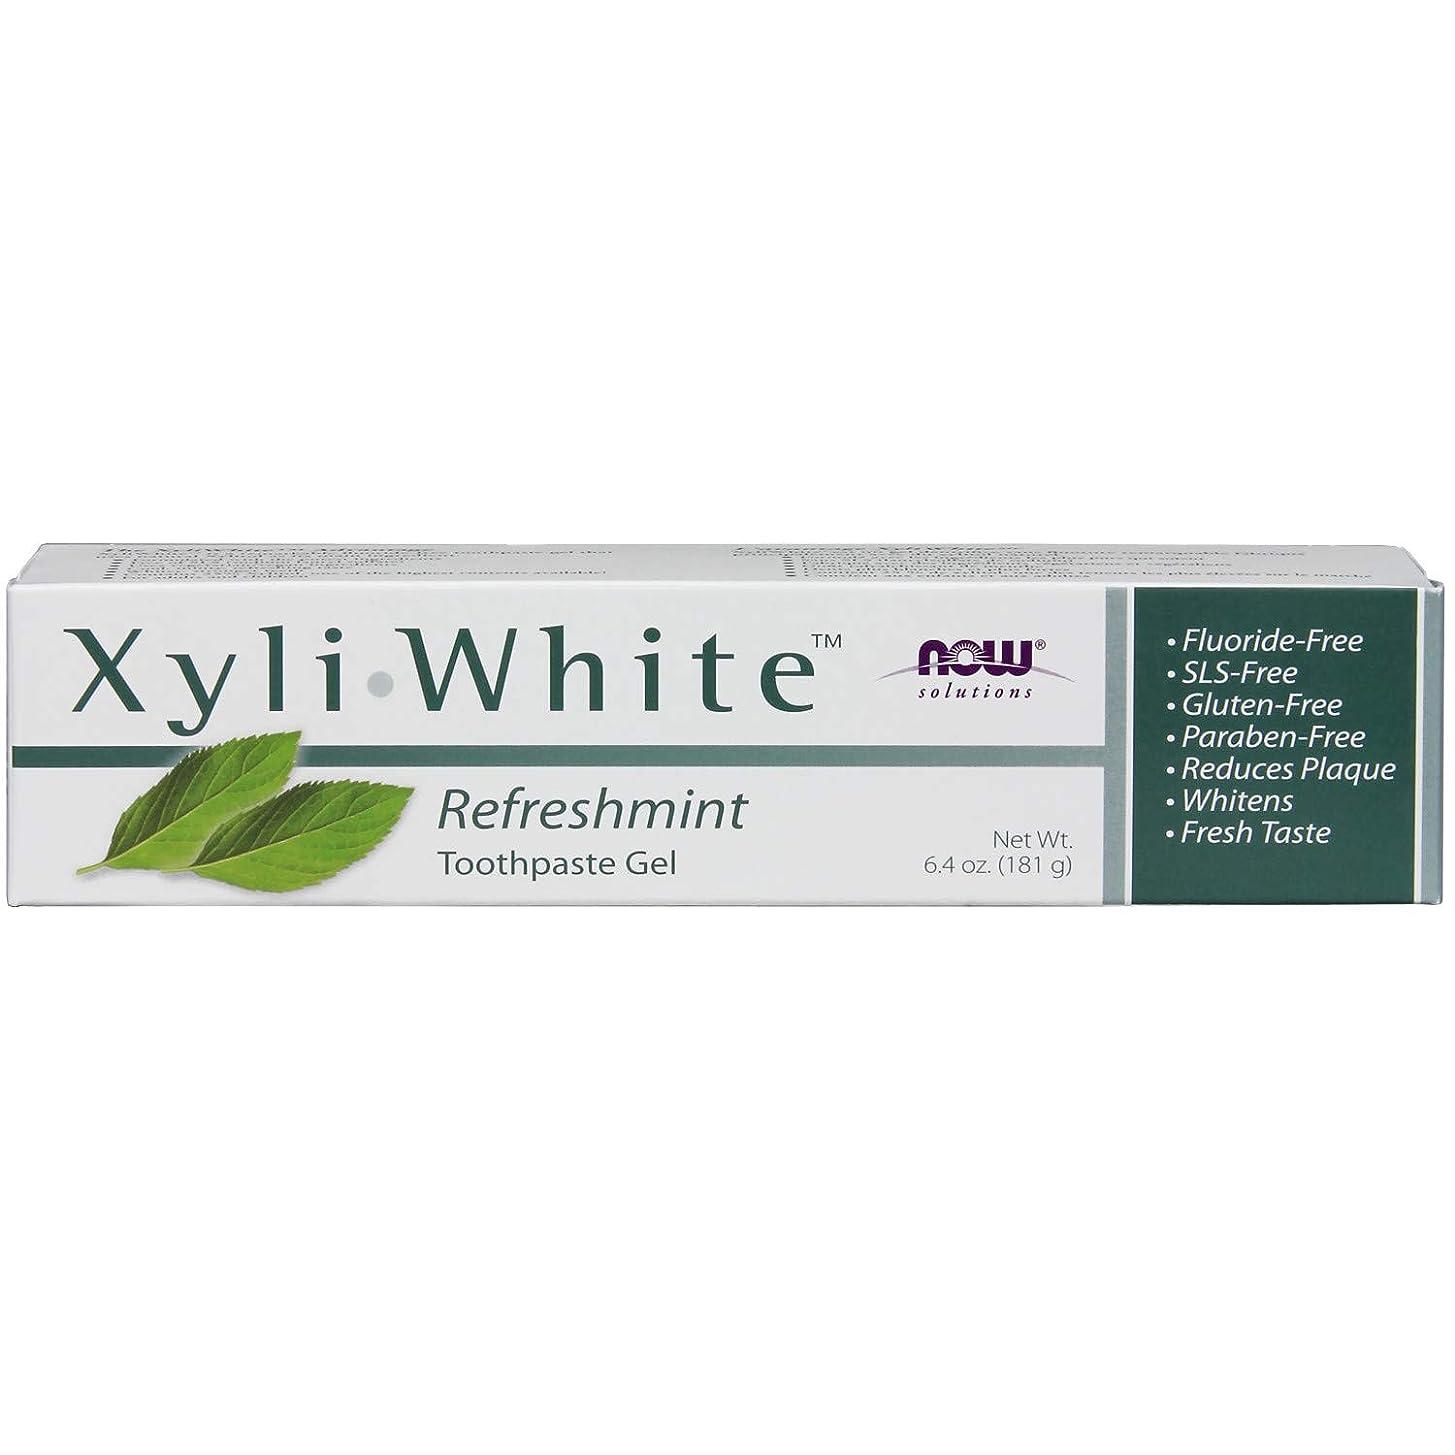 心配全国新しさ[海外直送品] ナウフーズ キシリホワイト リフレッシュミント歯磨きジェル 181g